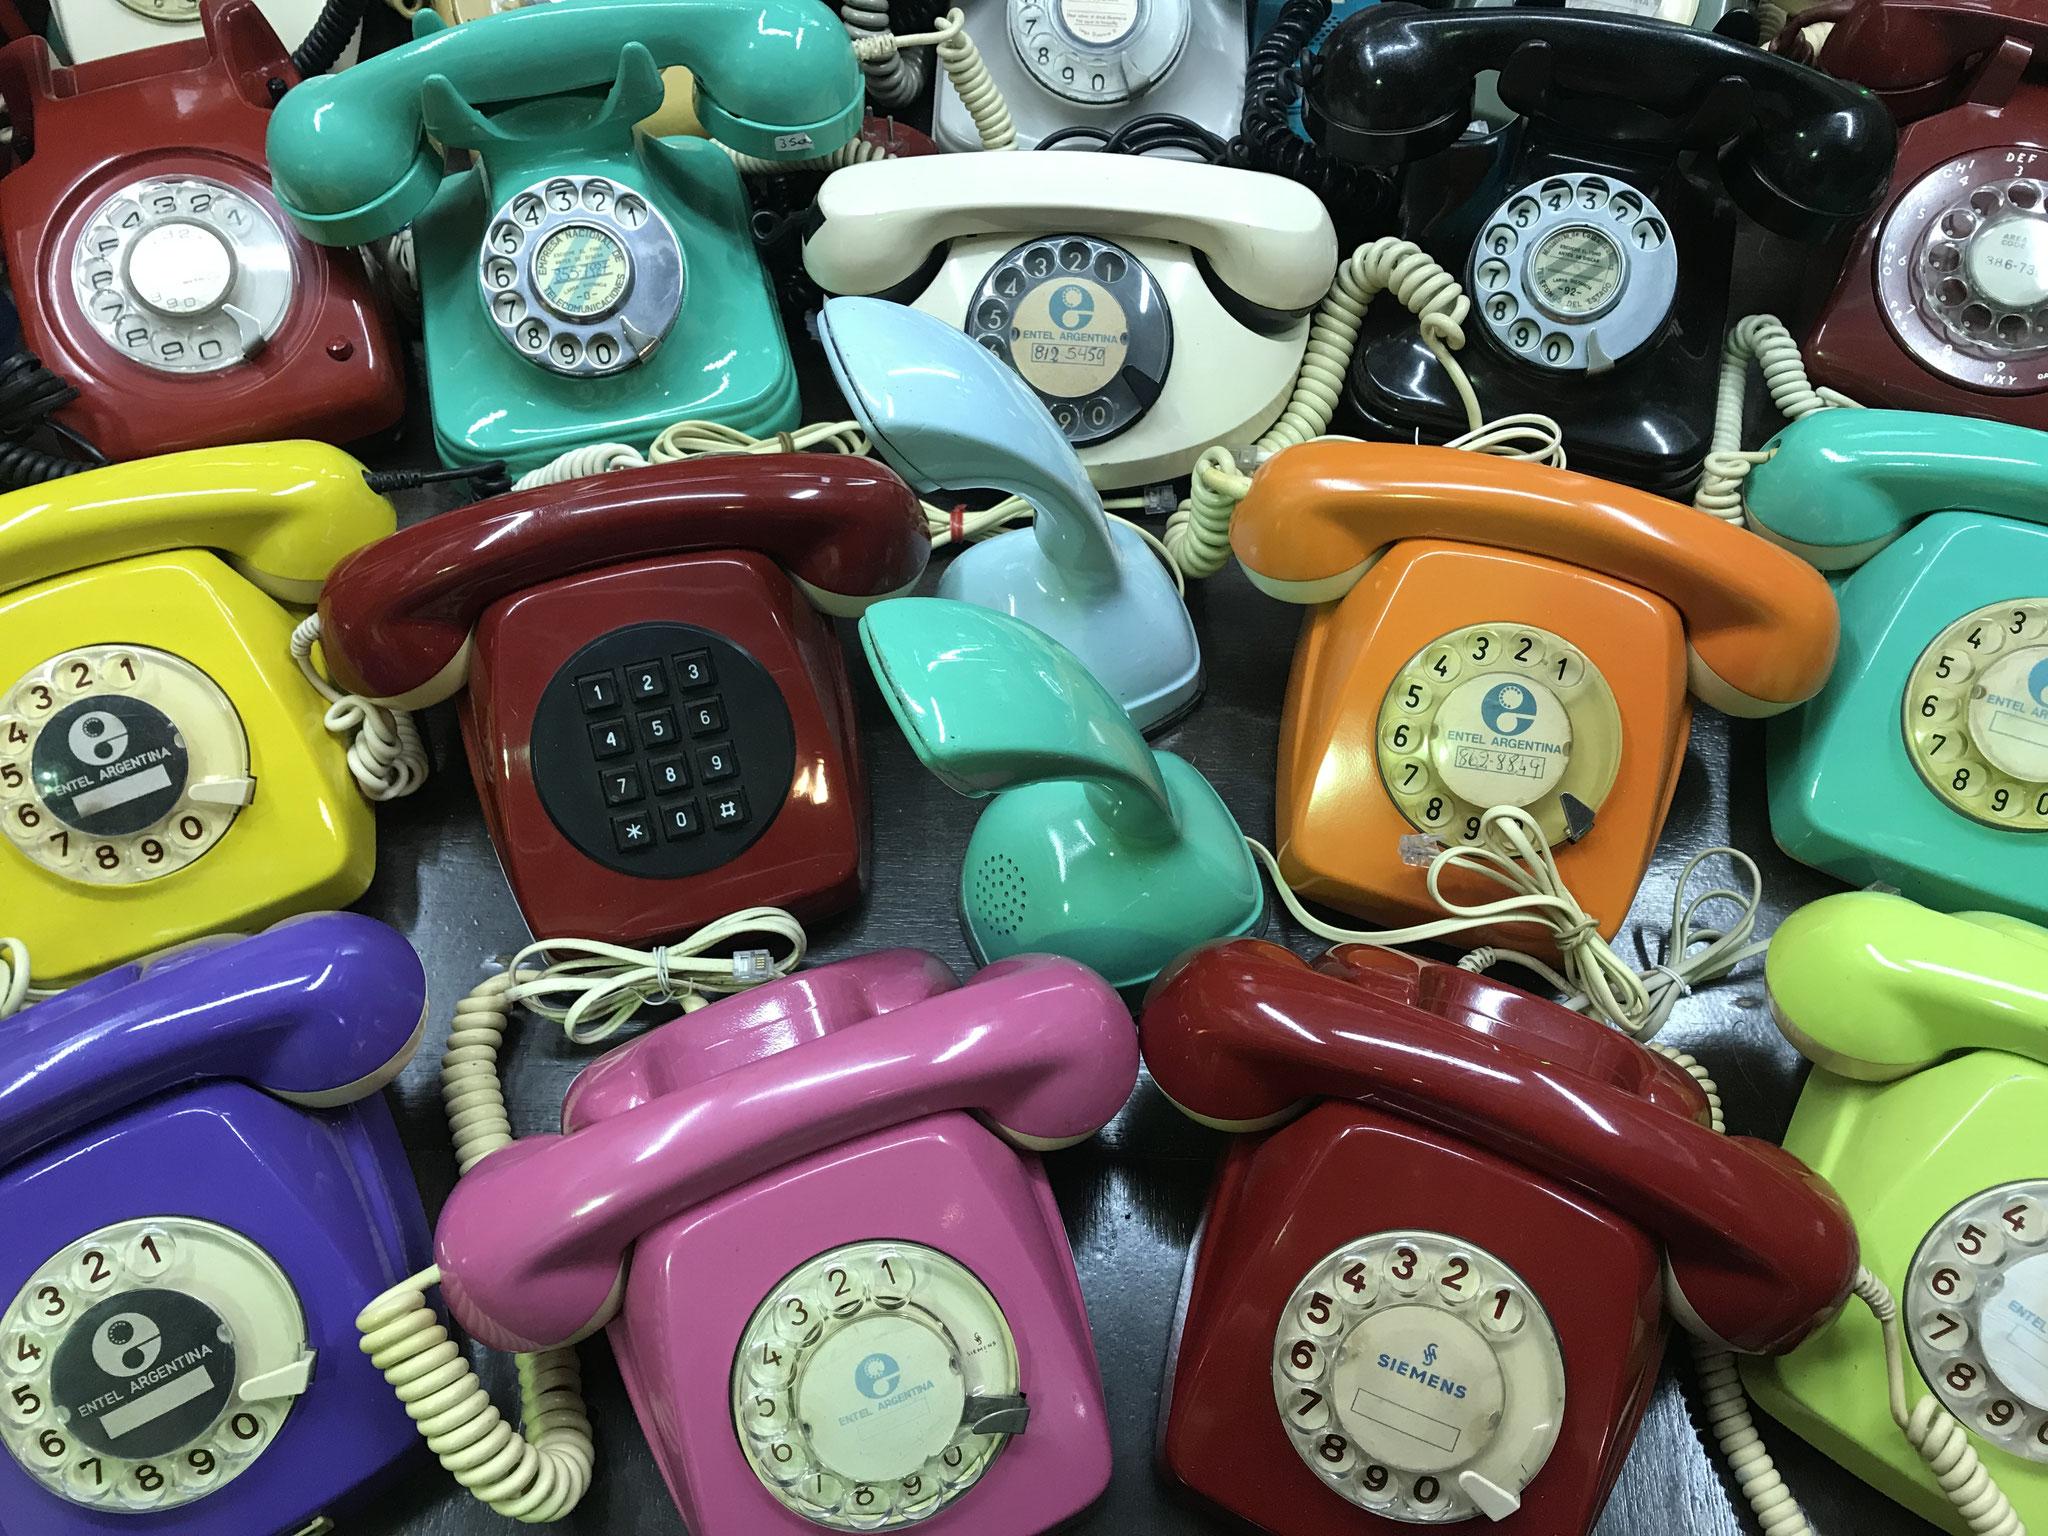 Ein ganzer Tisch voller Telefone! Und sogar mehrere rote...